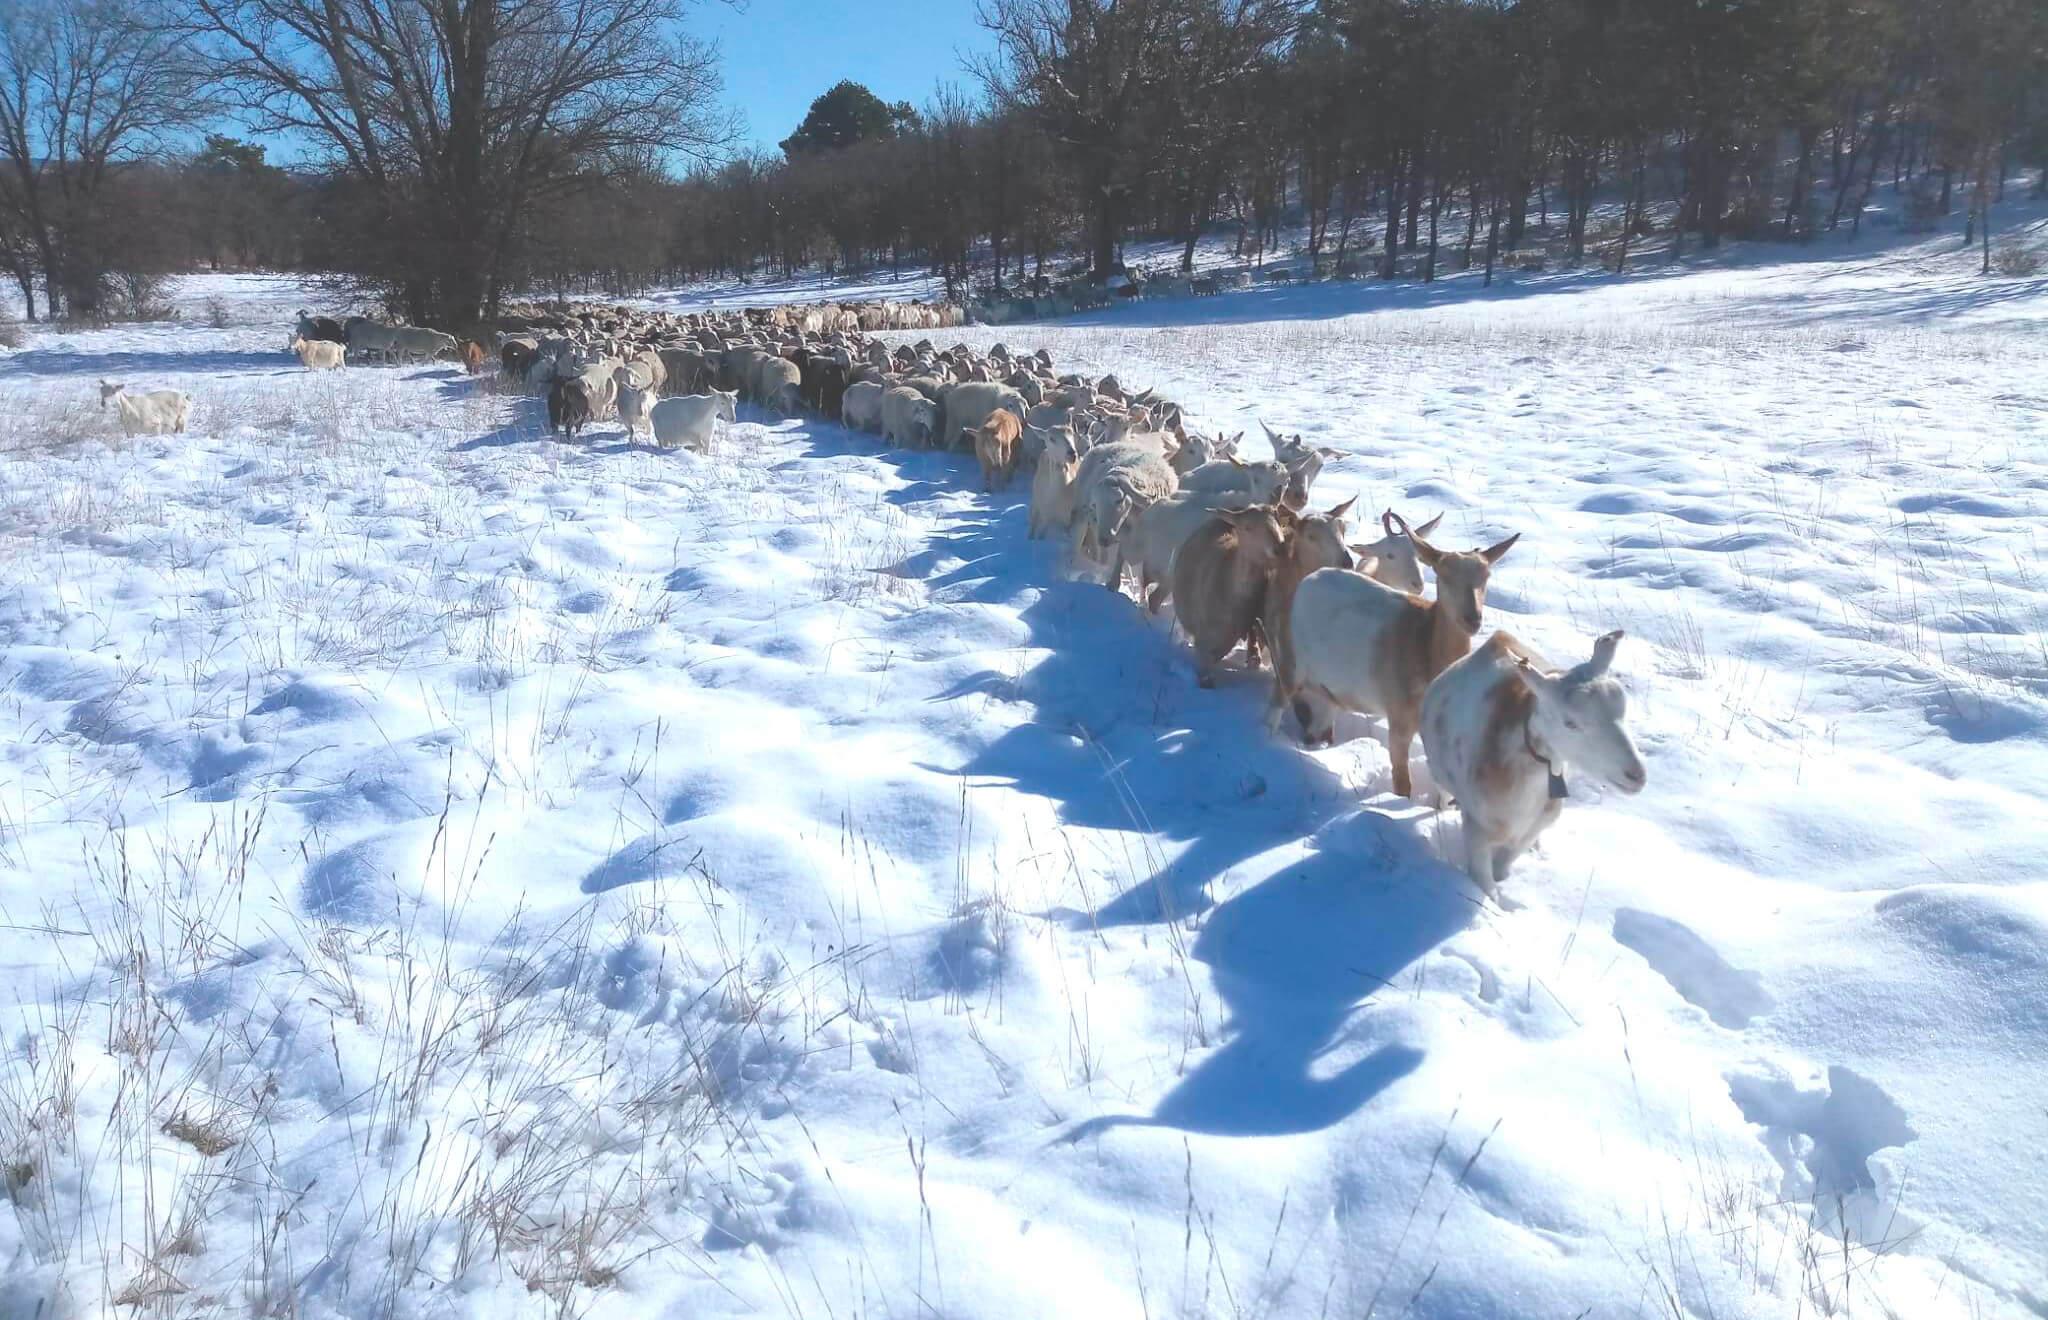 Daños del temporal: Piden un plan para la recuperación del olivar y la ganadería afectados por el temporal